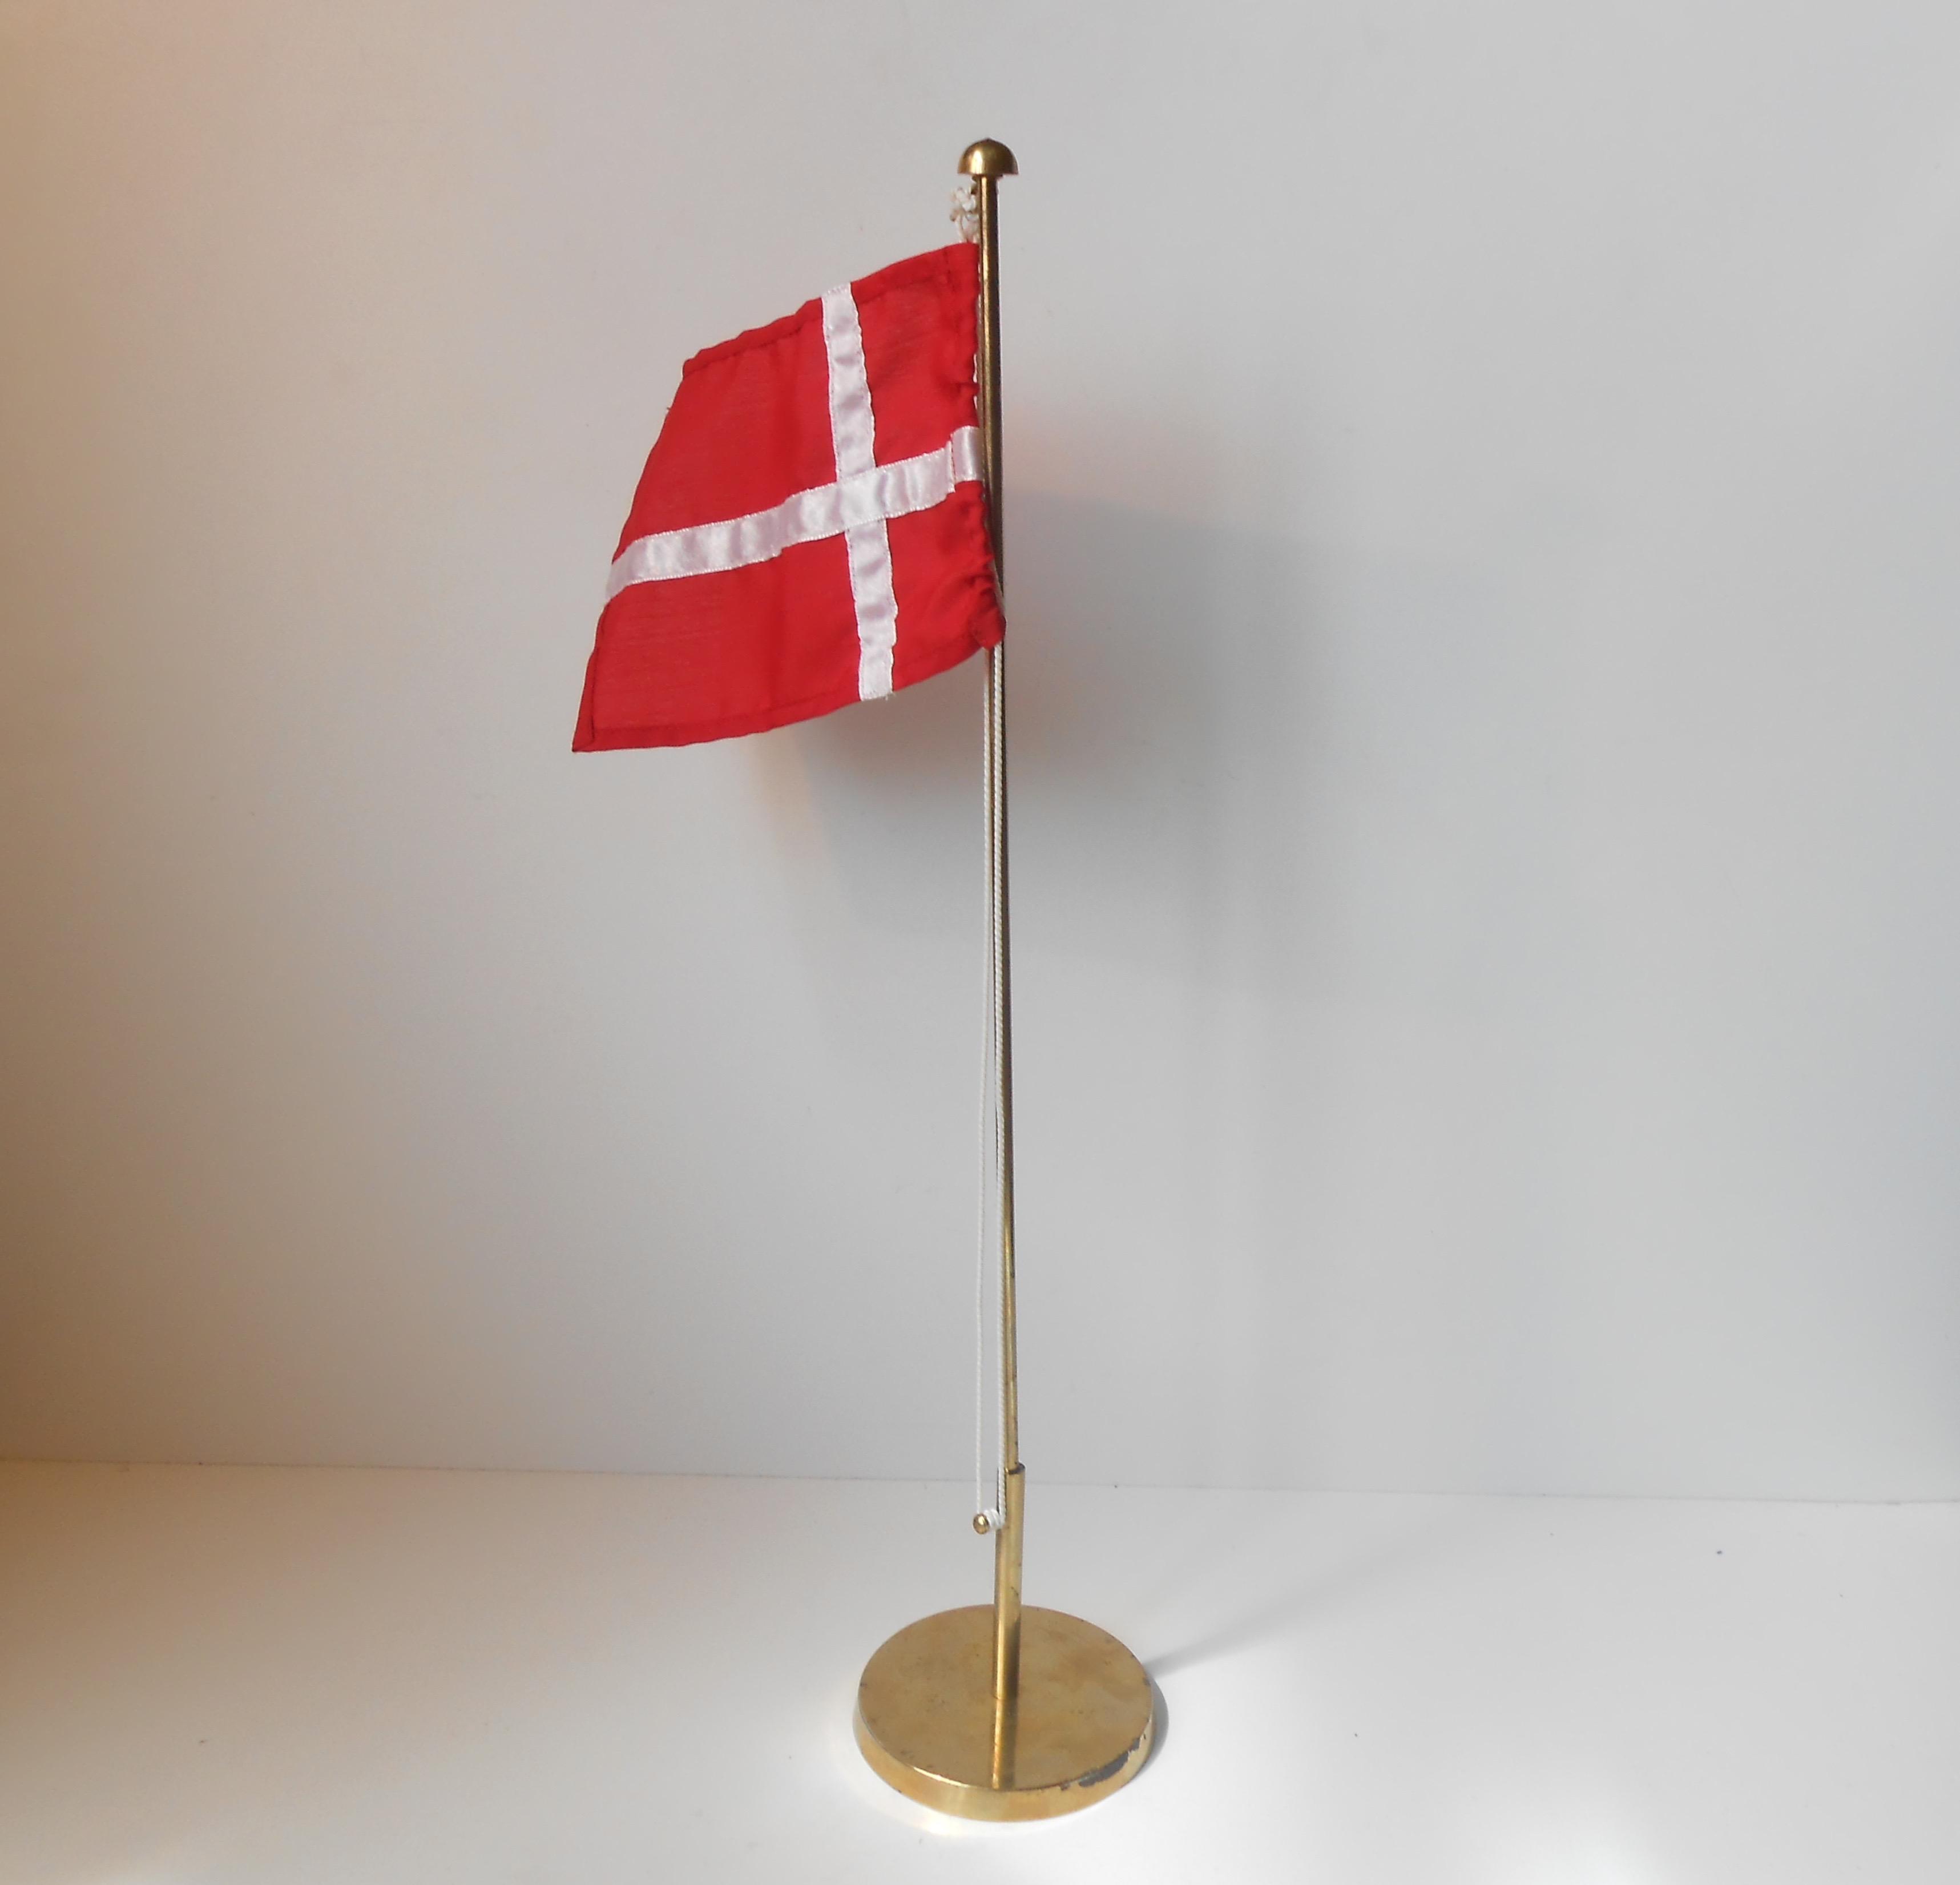 bordflagstang i sølv